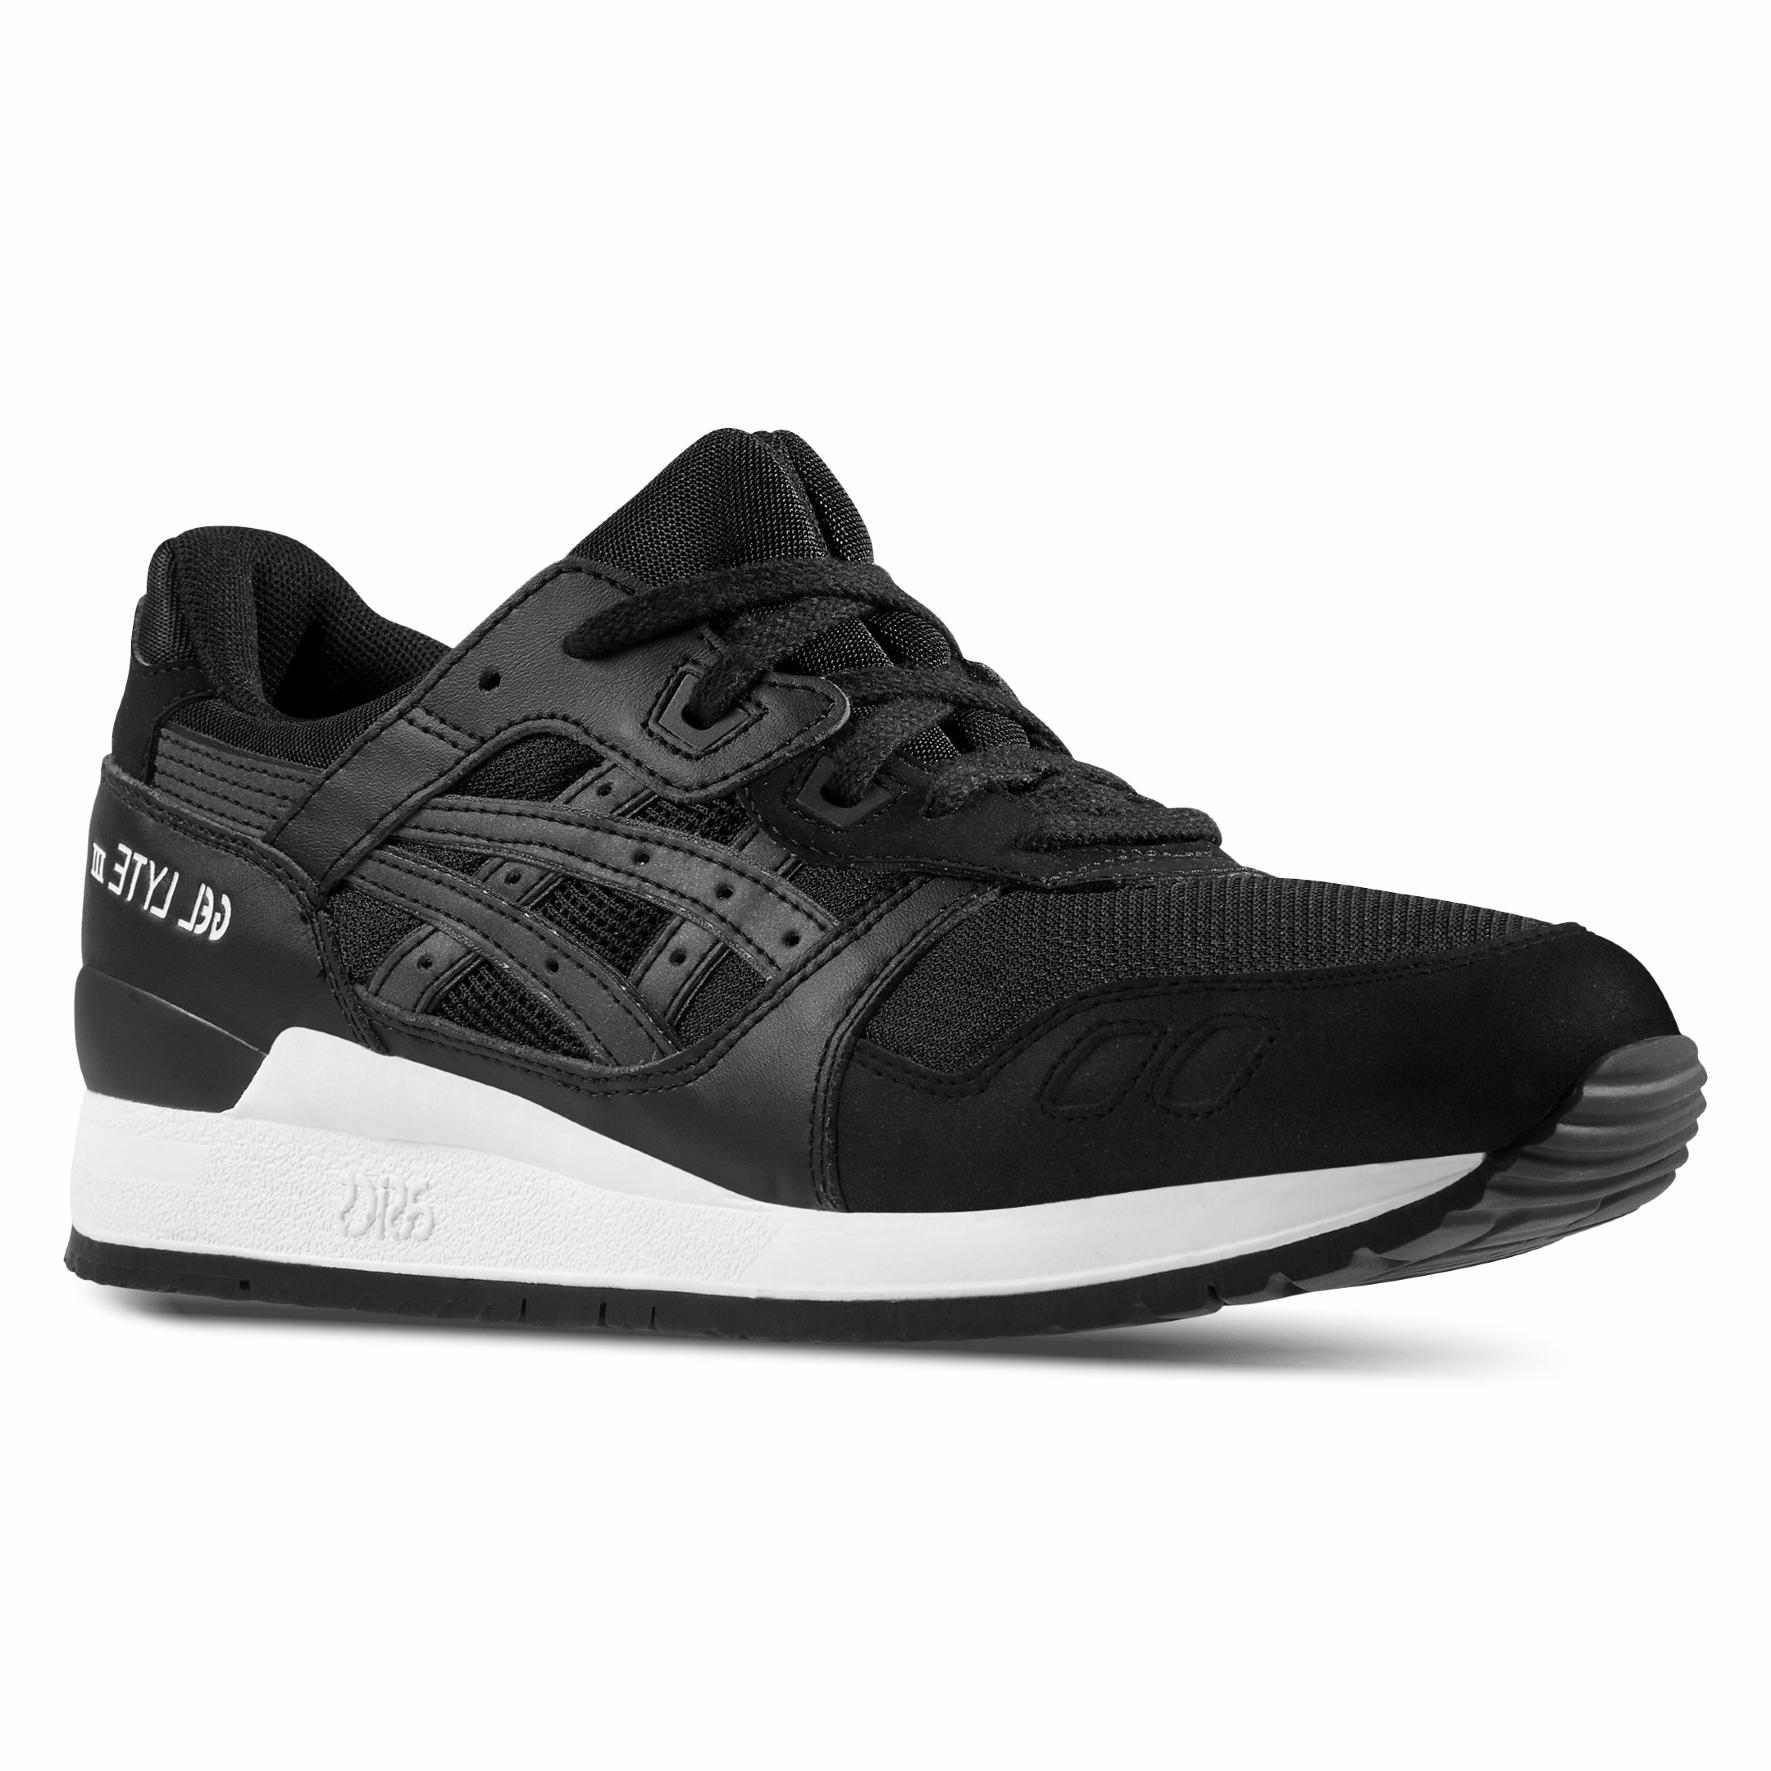 Купить Кроссовки Life Style Asics GEL-LYTE III Обувь для города 1188960